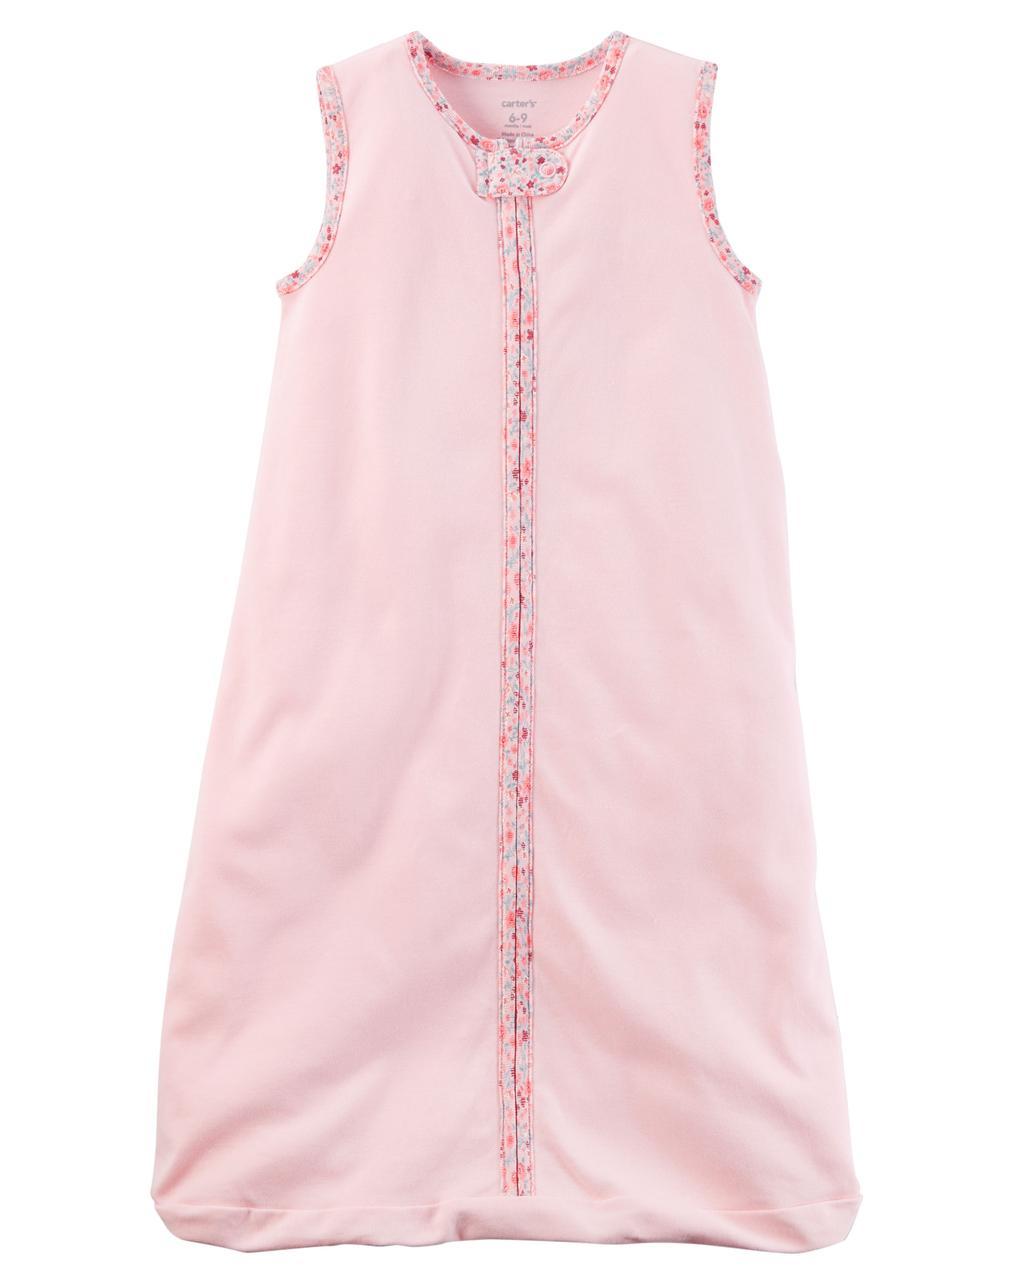 Хлопковый спальник для девочки Carters розовый